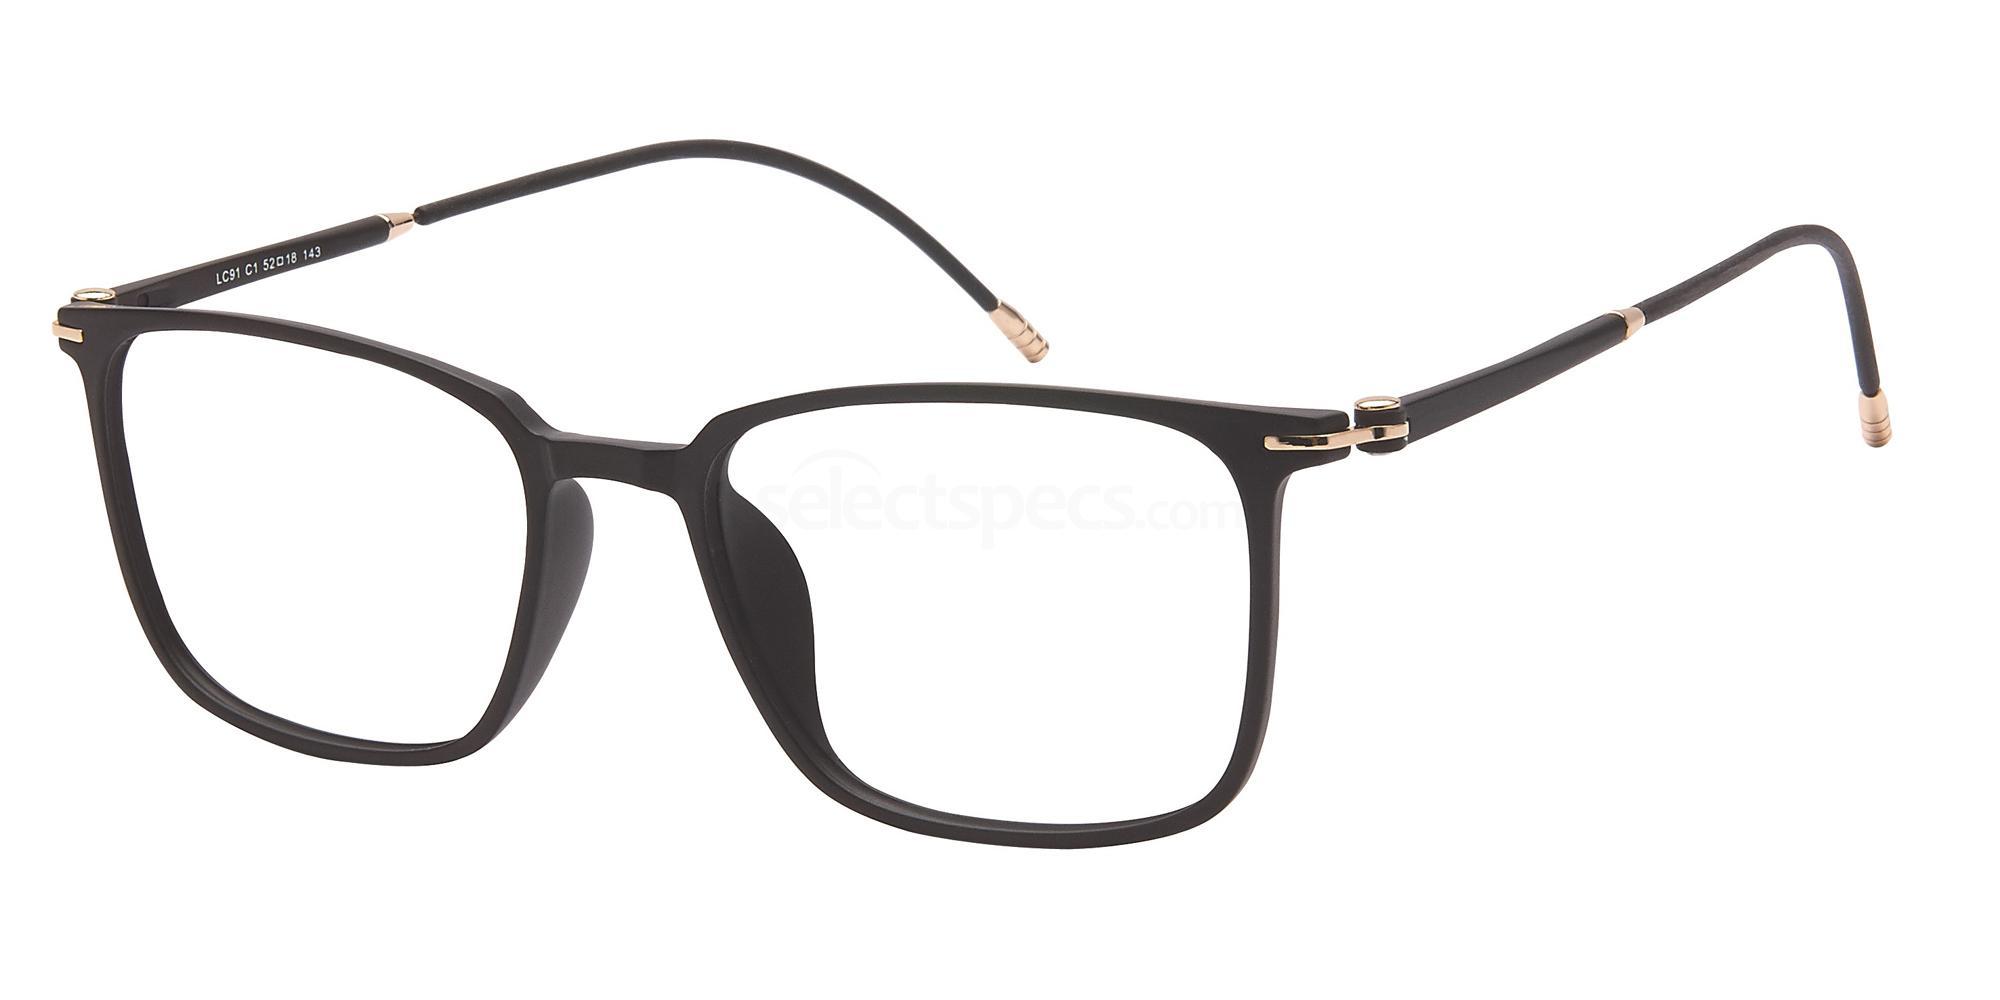 C1 LC91 Glasses, London Club